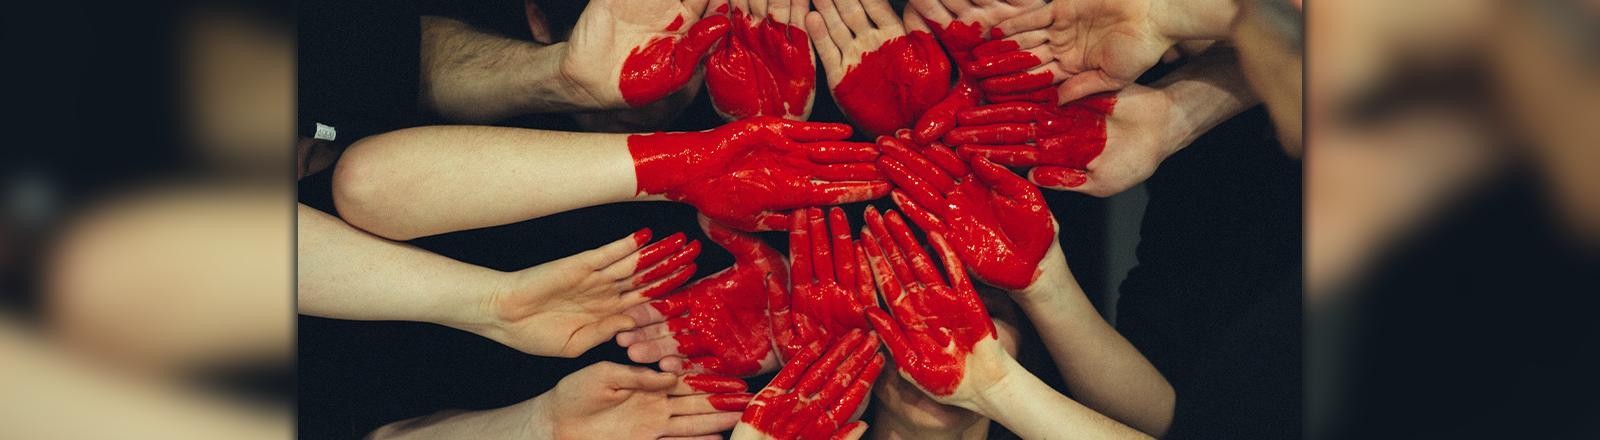 Viele Hände zeigen in die Kamera auf die ein großes rotes Herz gemalt ist